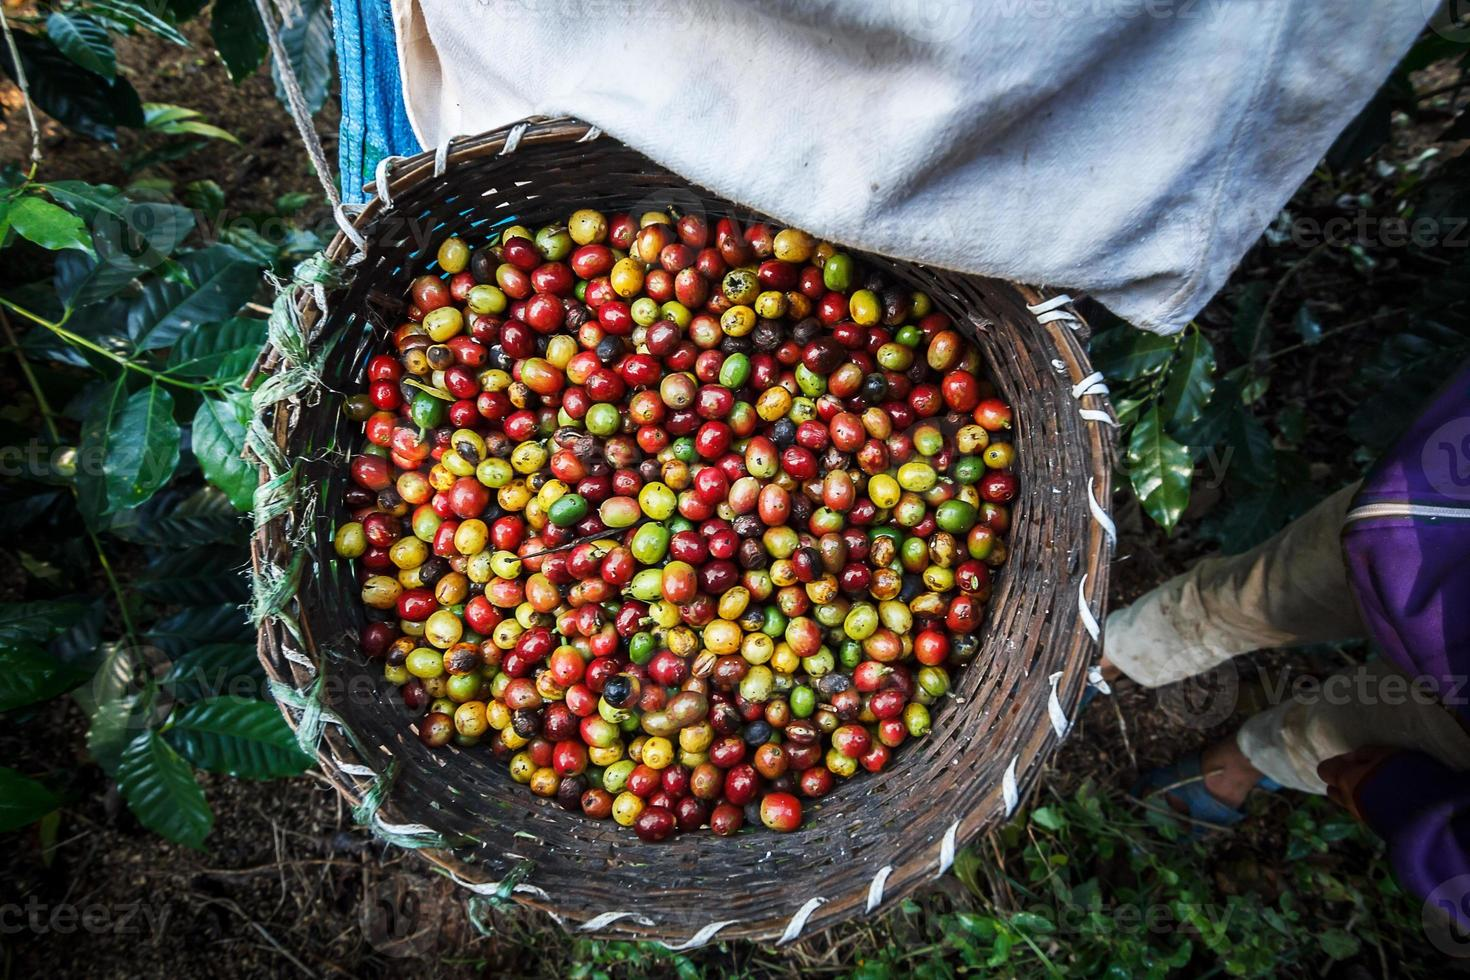 koffieboer rijpe kersenbonen plukken. foto